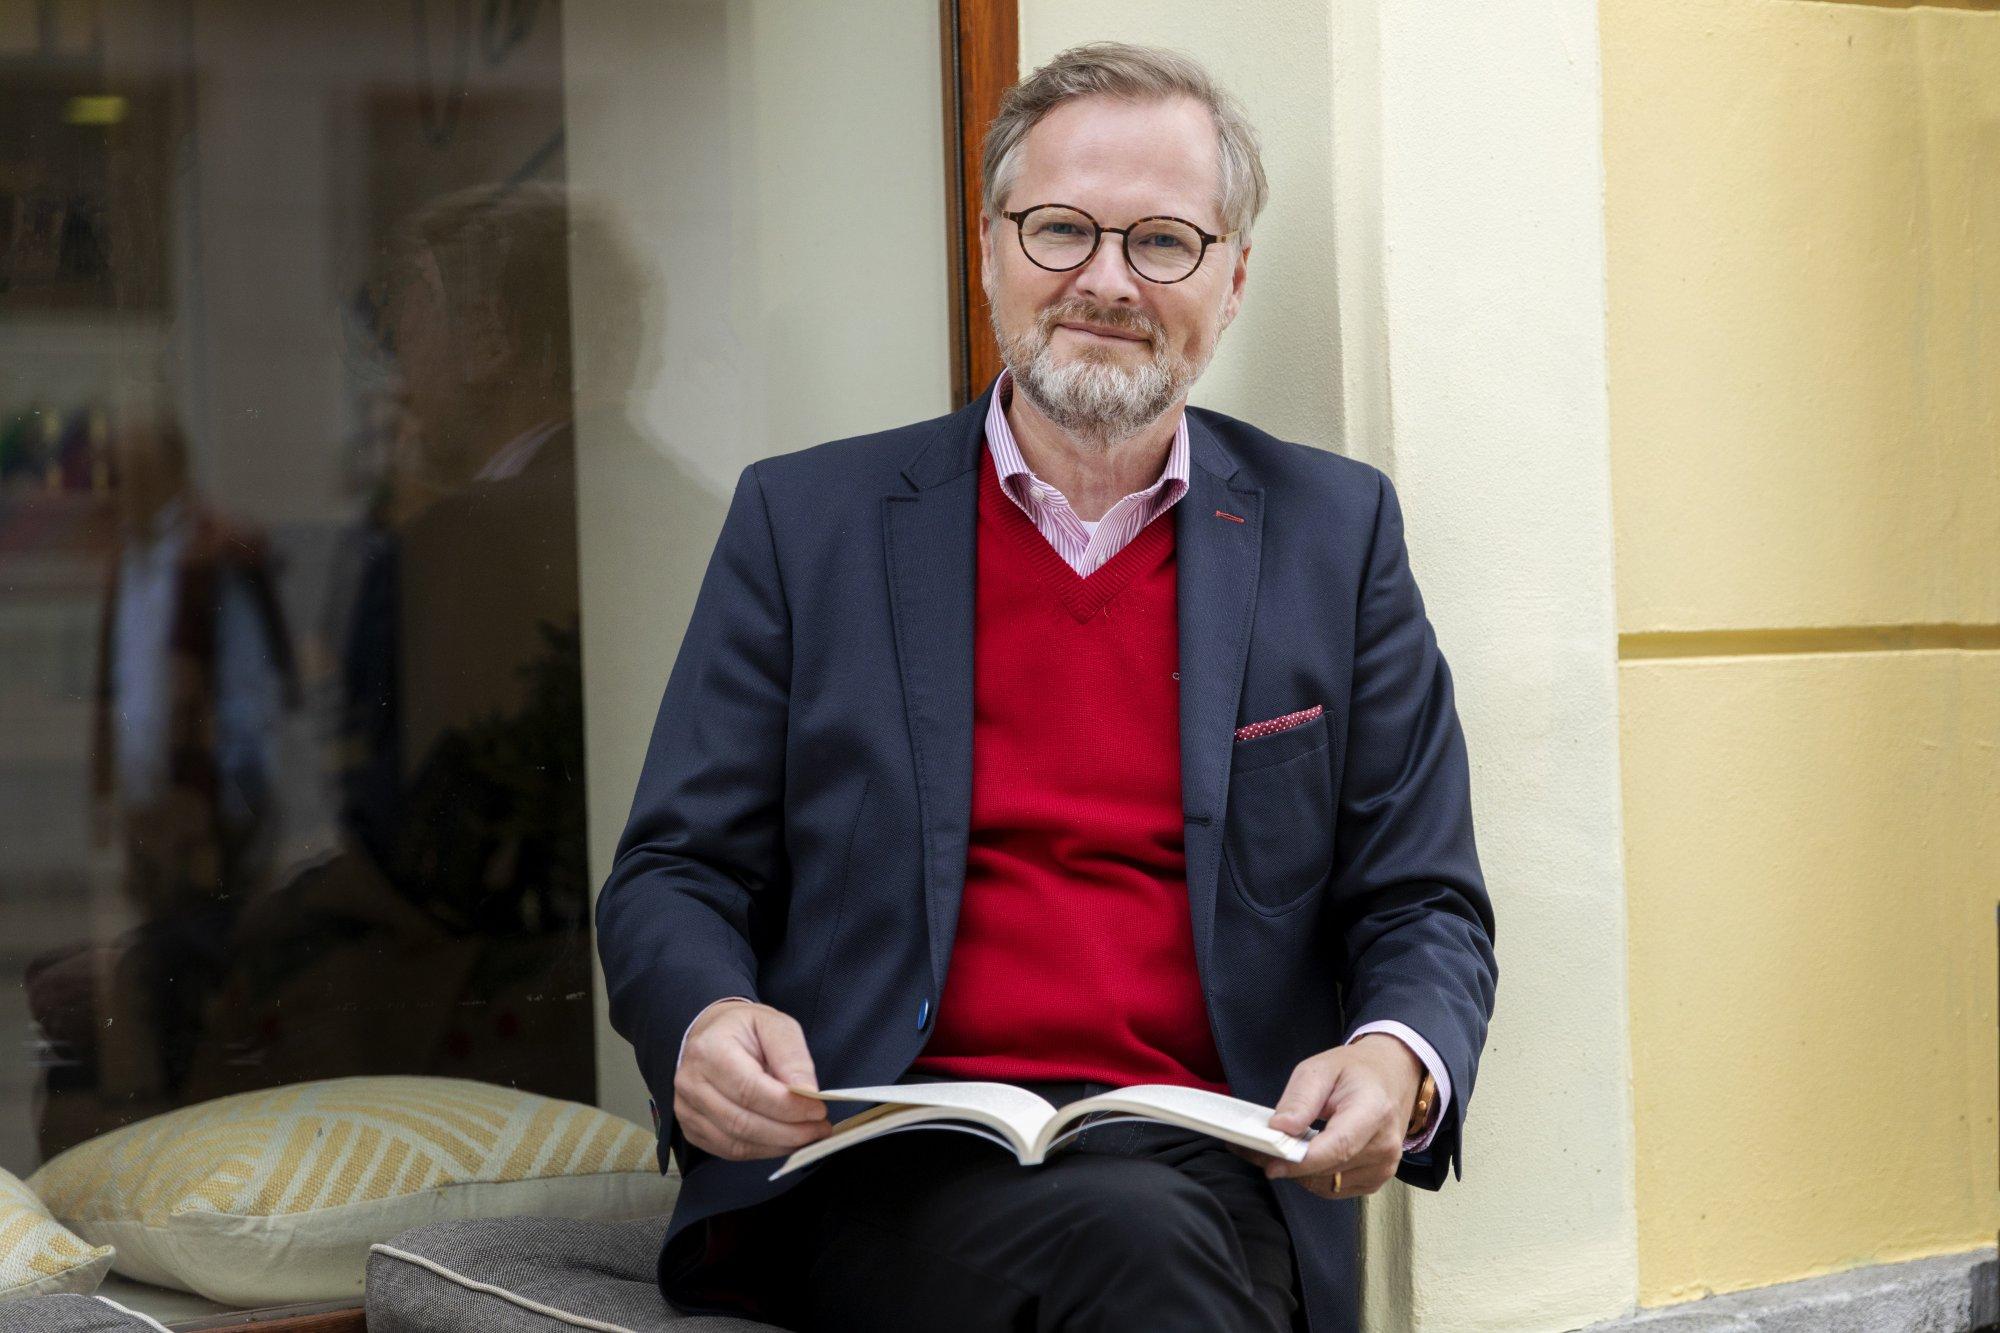 Petr Fiala: Piráti jsou sice nová levice, ale s někým tu změnu v Česku udělat musíme